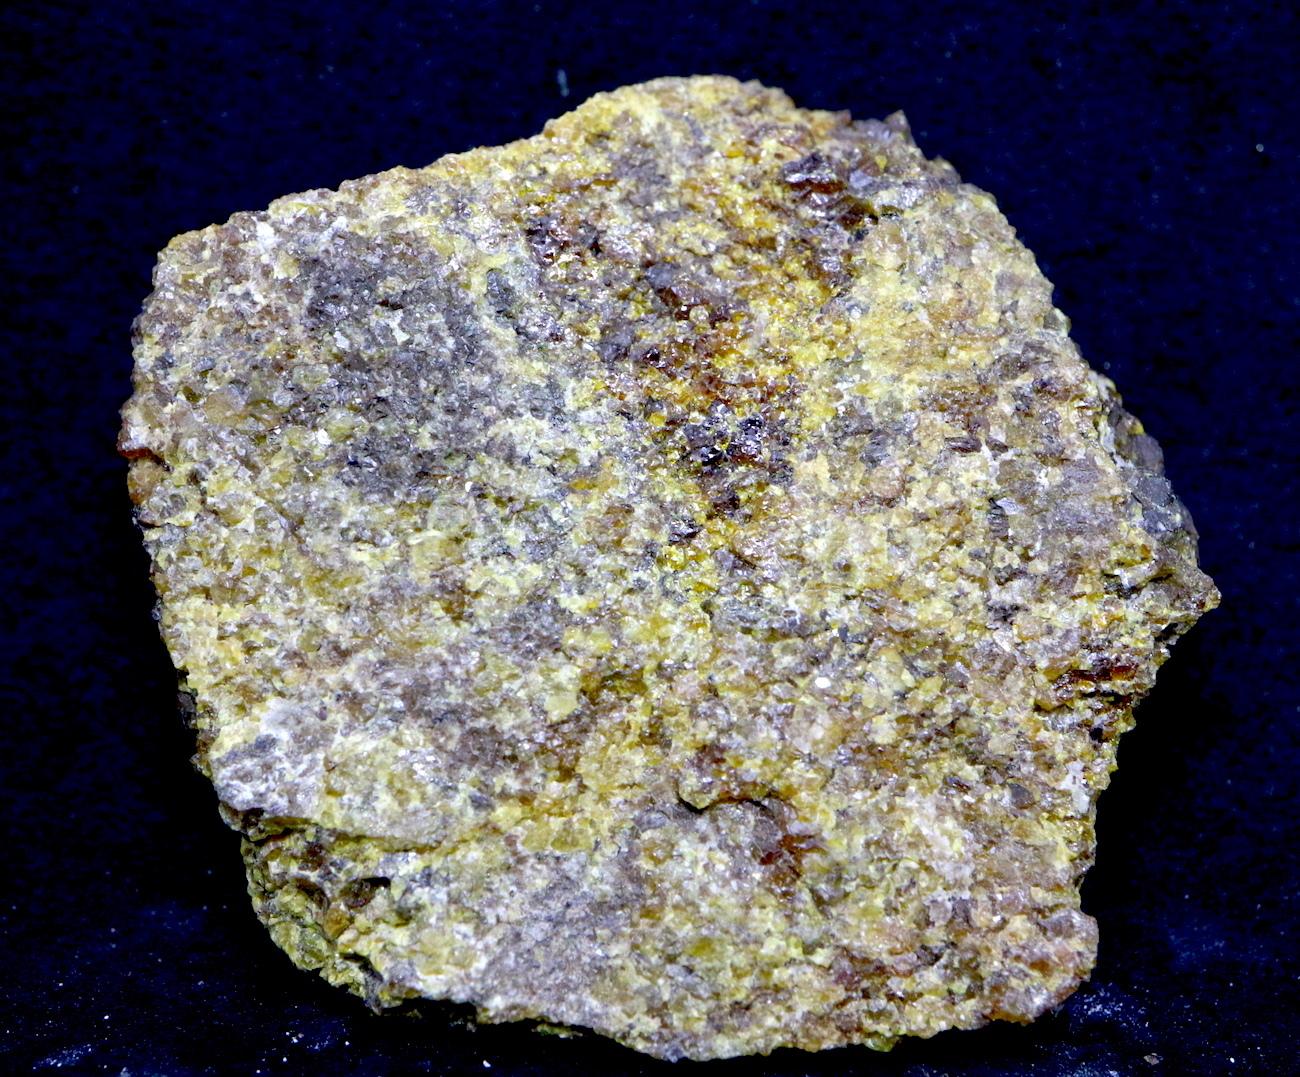 アンドラダイト ガーネット 灰鉄柘榴石 原石 38,7g AND002 鉱物 標本 原石 天然石